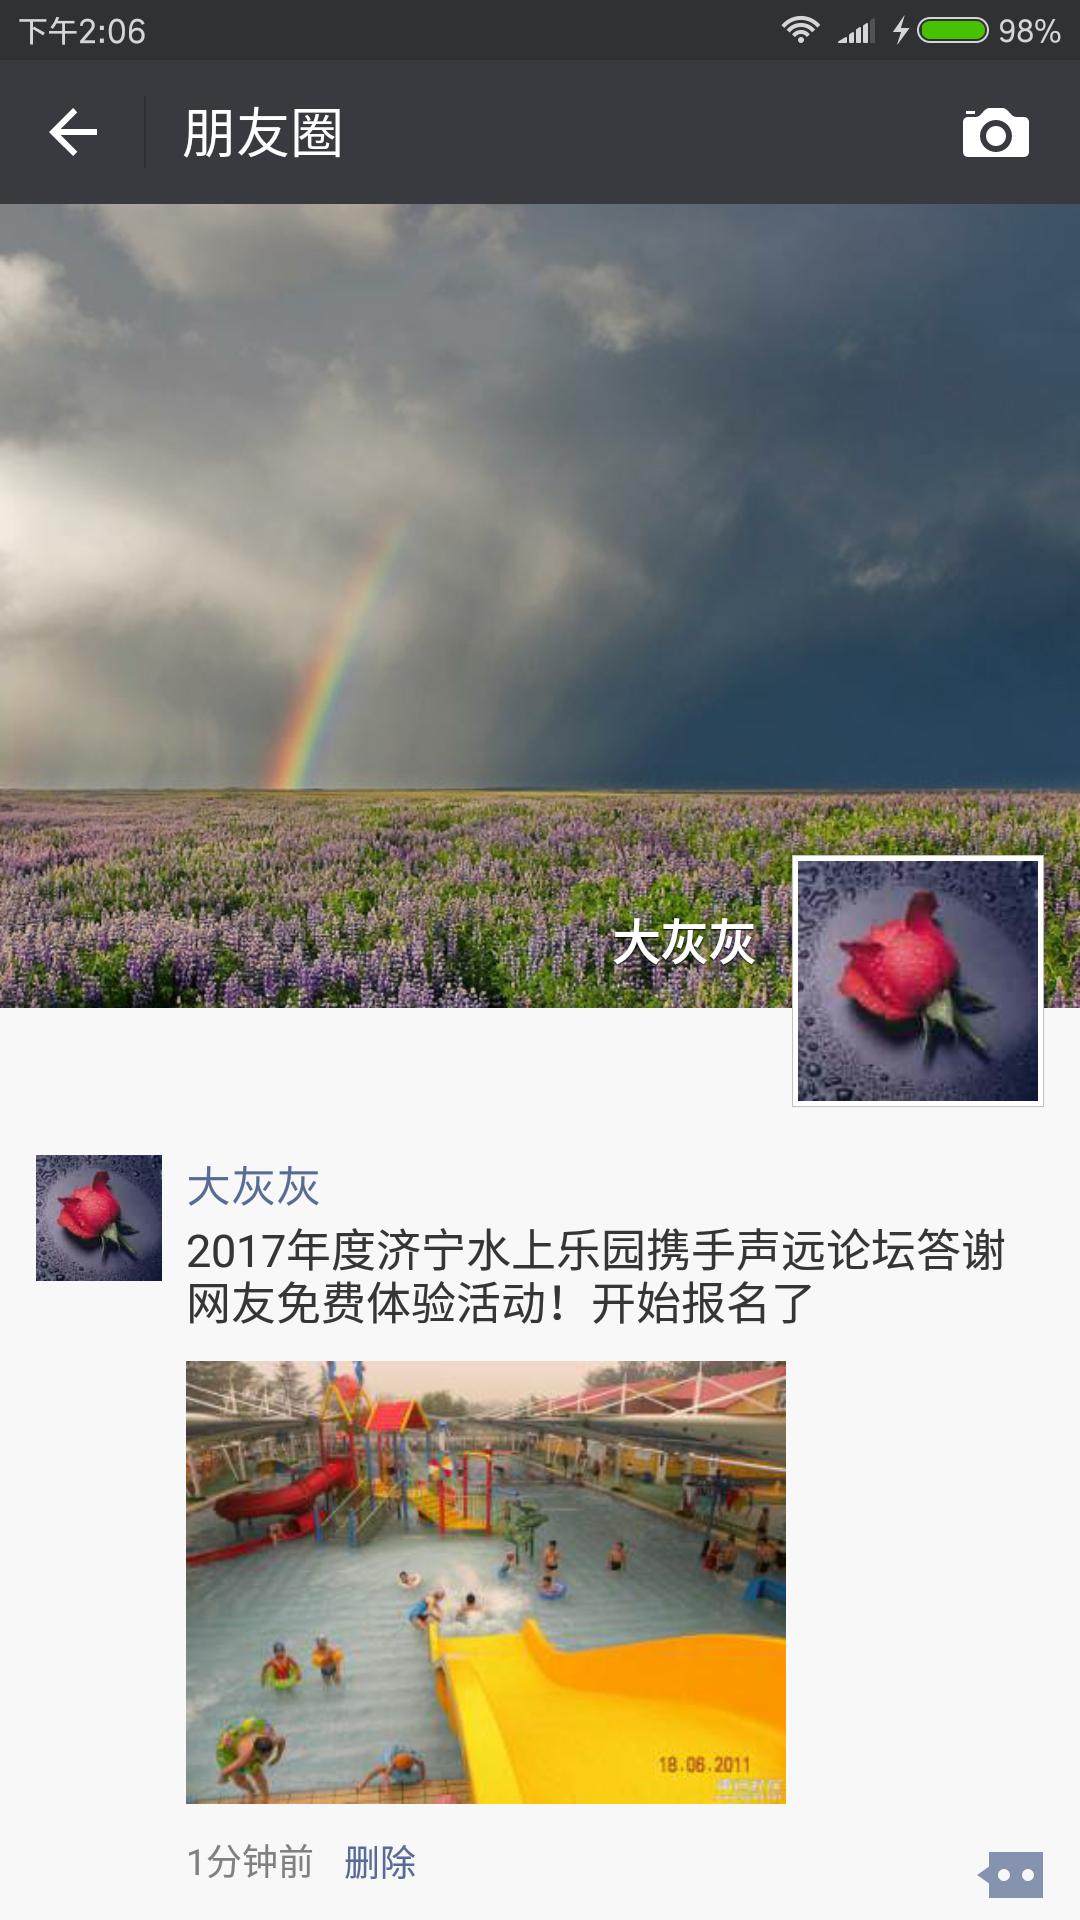 Screenshot_2017-06-22-14-06-55-123_com.tencent.mm.png